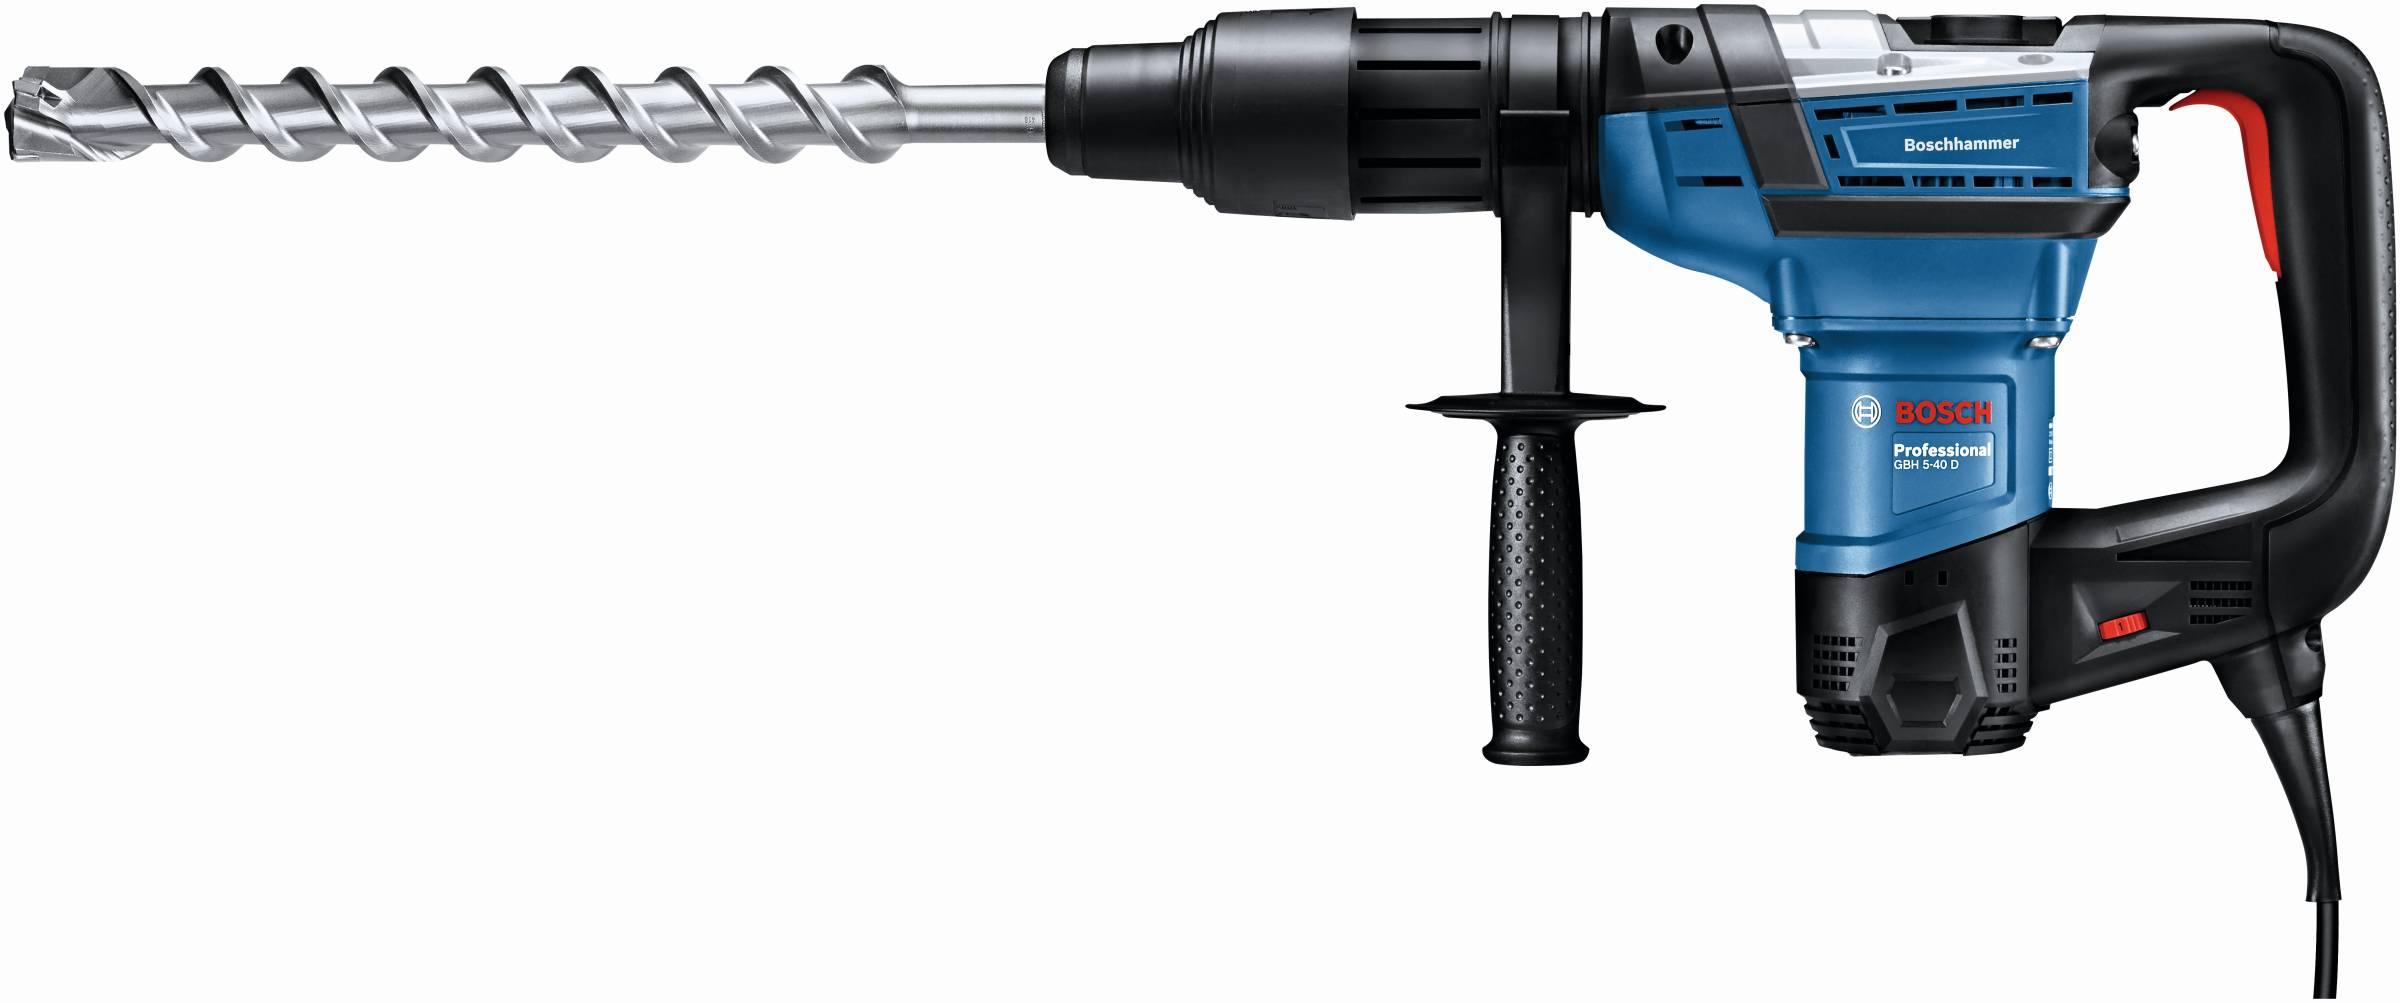 Bosch Bohrhammer GBH 5-40 D online kaufen. FNwerkzeuge.de